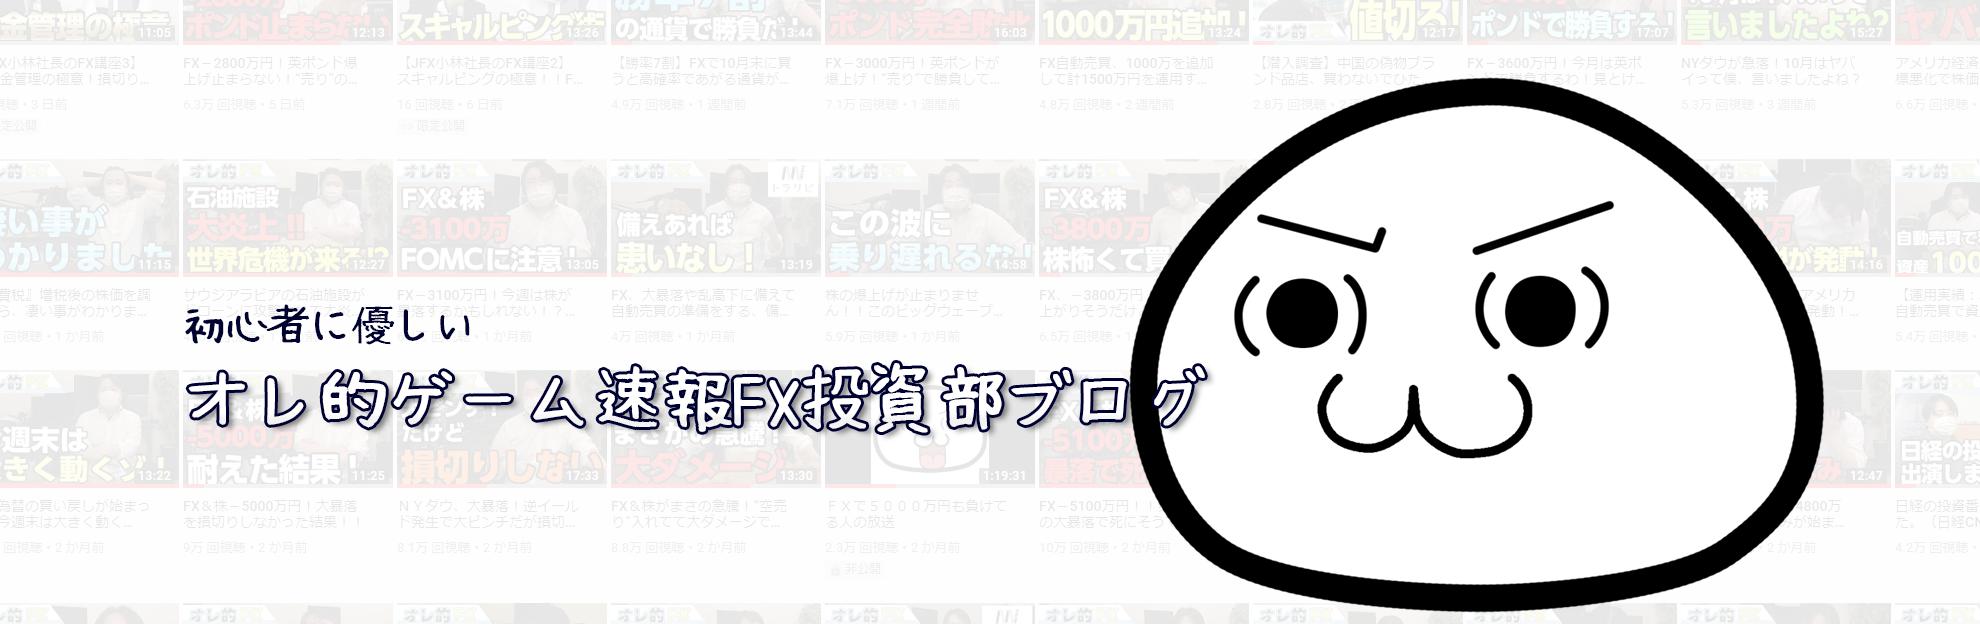 俺的ゲーム速報 ブログ